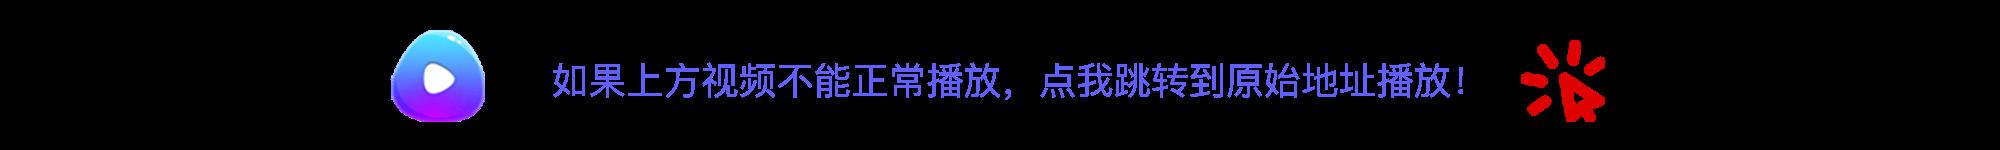 FCPX字幕插件 6组霓虹灯发光灯管效果标题模板 Neon Signs